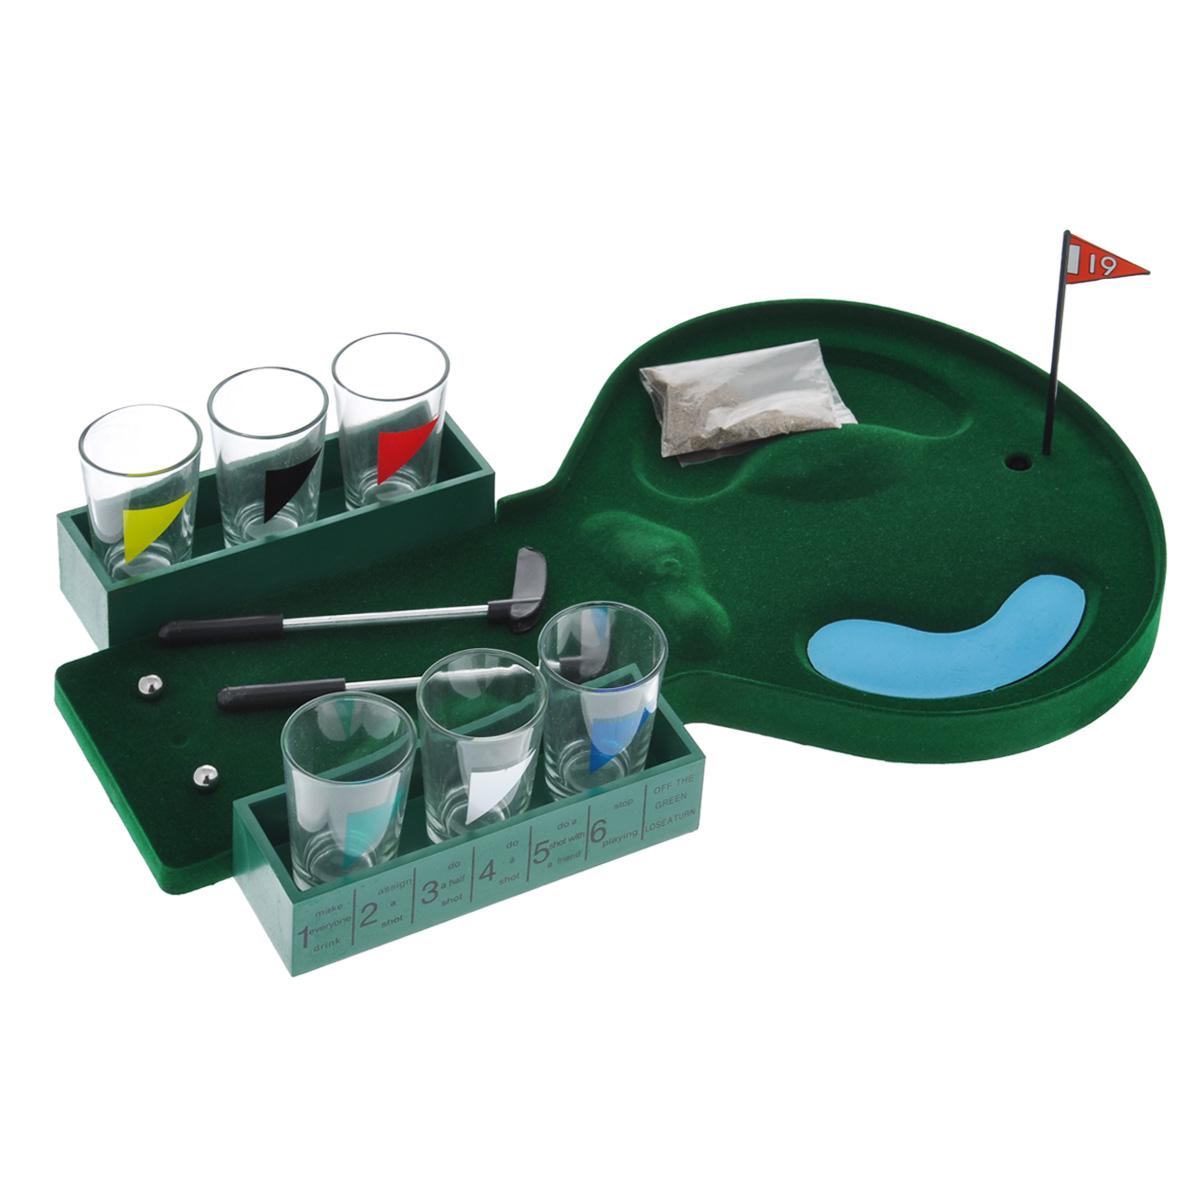 Пьяный гольф со стопками Эврика94948Пьяный гольф со стопками Эврика - это отличная настольная игра для проведения веселых вечеринок. Она состоит из 6 стопок, 2 минигольф клюшек, 1 пакета с песком, 2 металлических шариков, 1 миниатюрного поля для гольфа и 1 флажка. Такой набор станет отличным подарком.